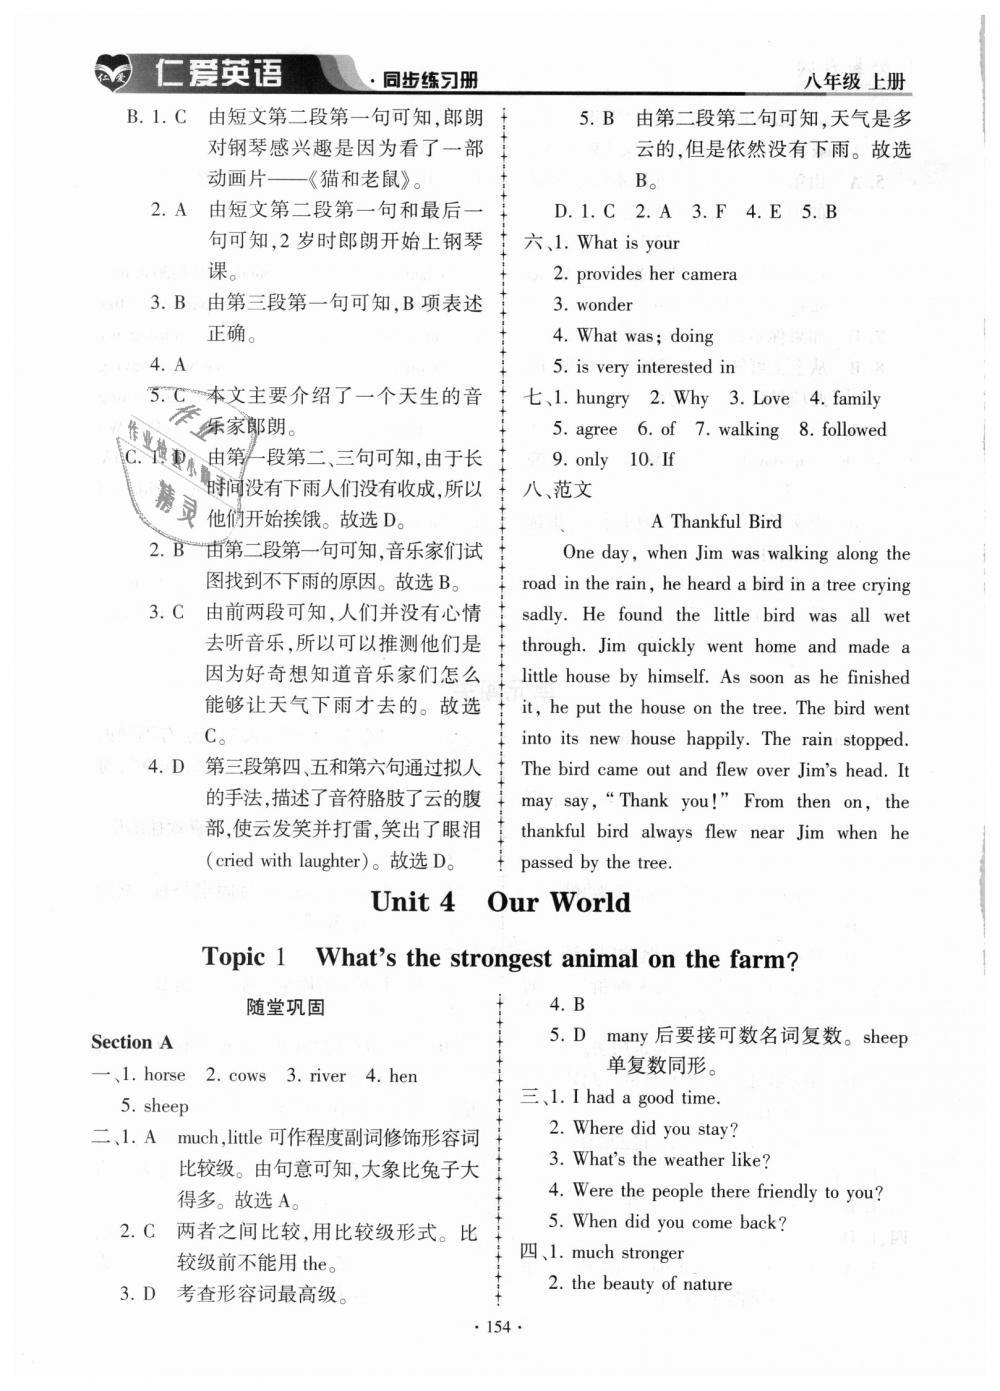 2018年仁爱英语同步练习册八年级上册E第24页